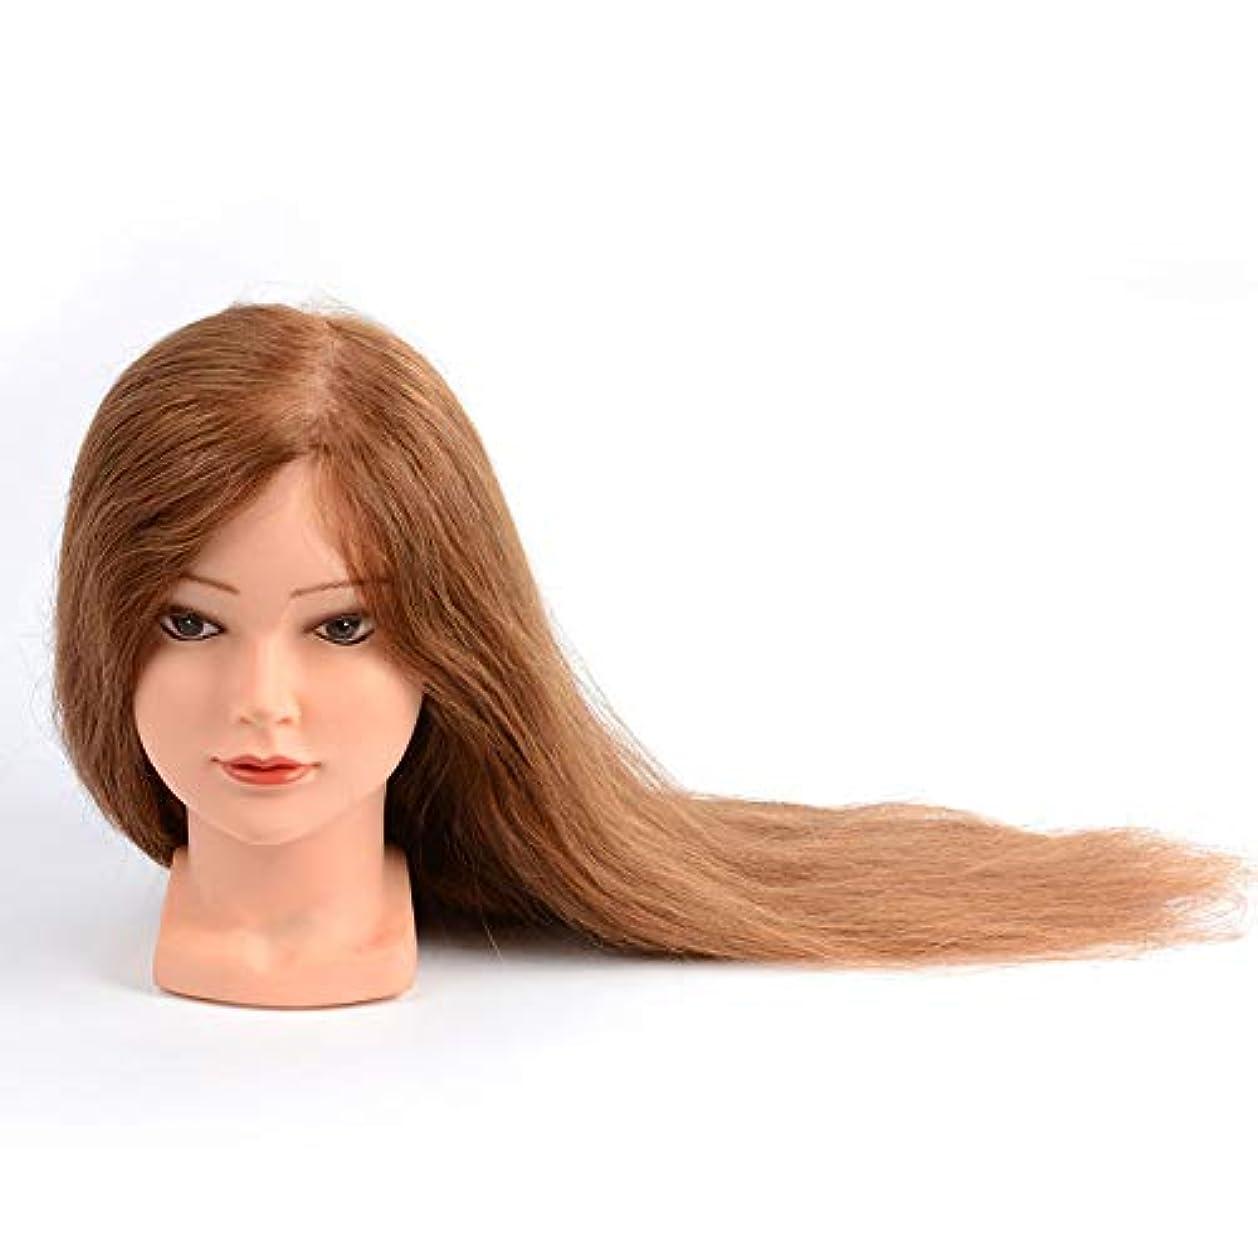 アイザック顕現マスク実在の人の髪のダミーヘッド理髪店学習パーマ髪染めウィッグモデルヘッド花嫁メイクスタイル教育ヘッド